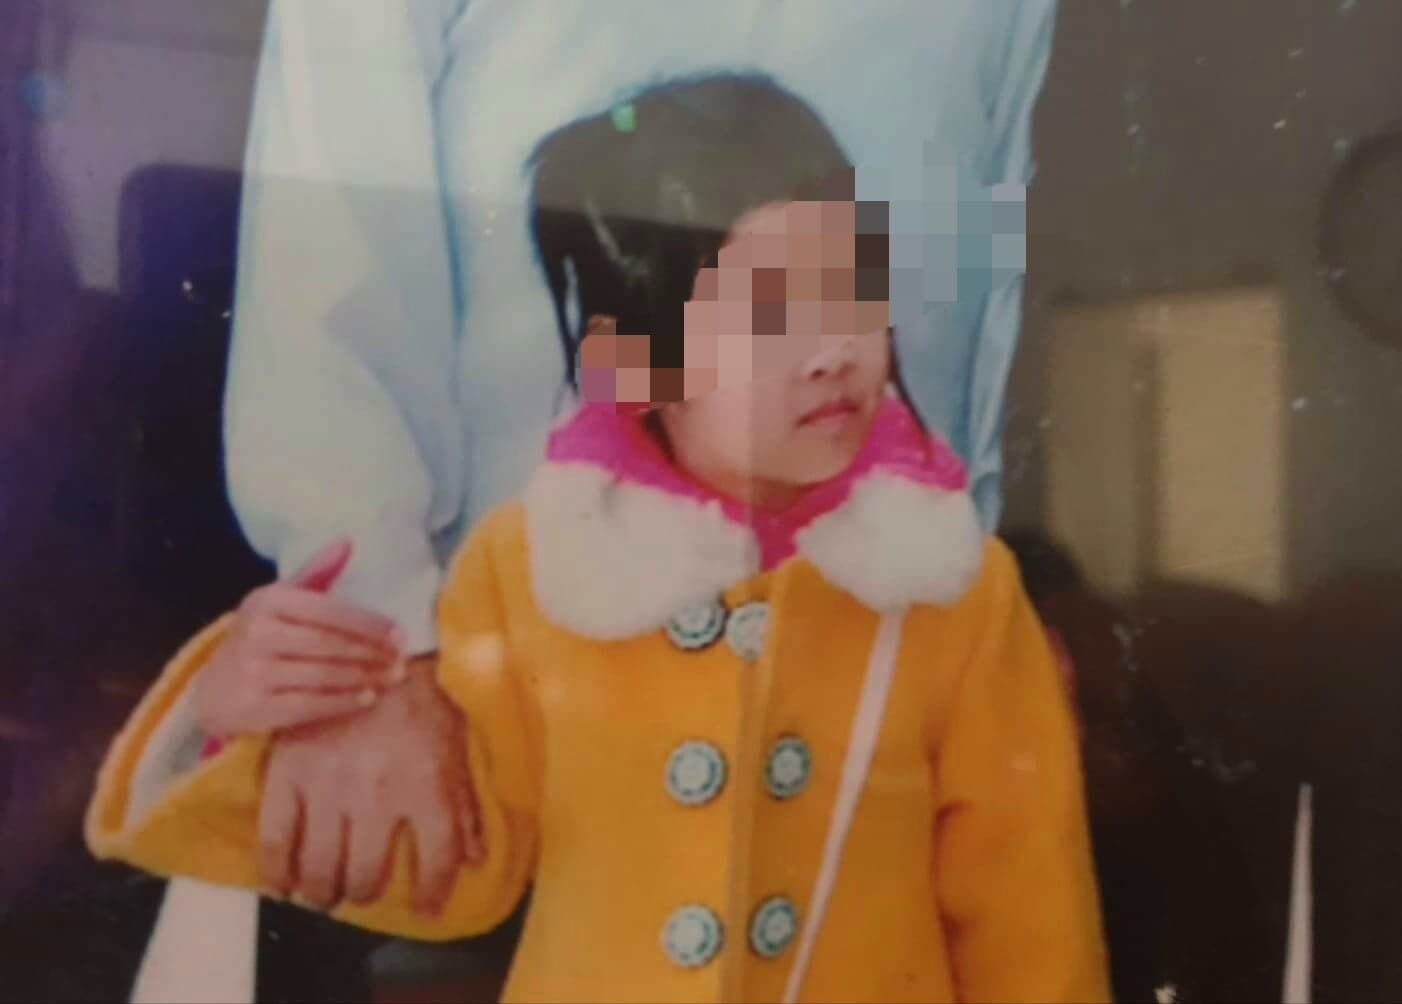 Rúng động cha giết con ở Đà Nẵng: Mẹ già kể phút chết lặng nhận điện thoại-2